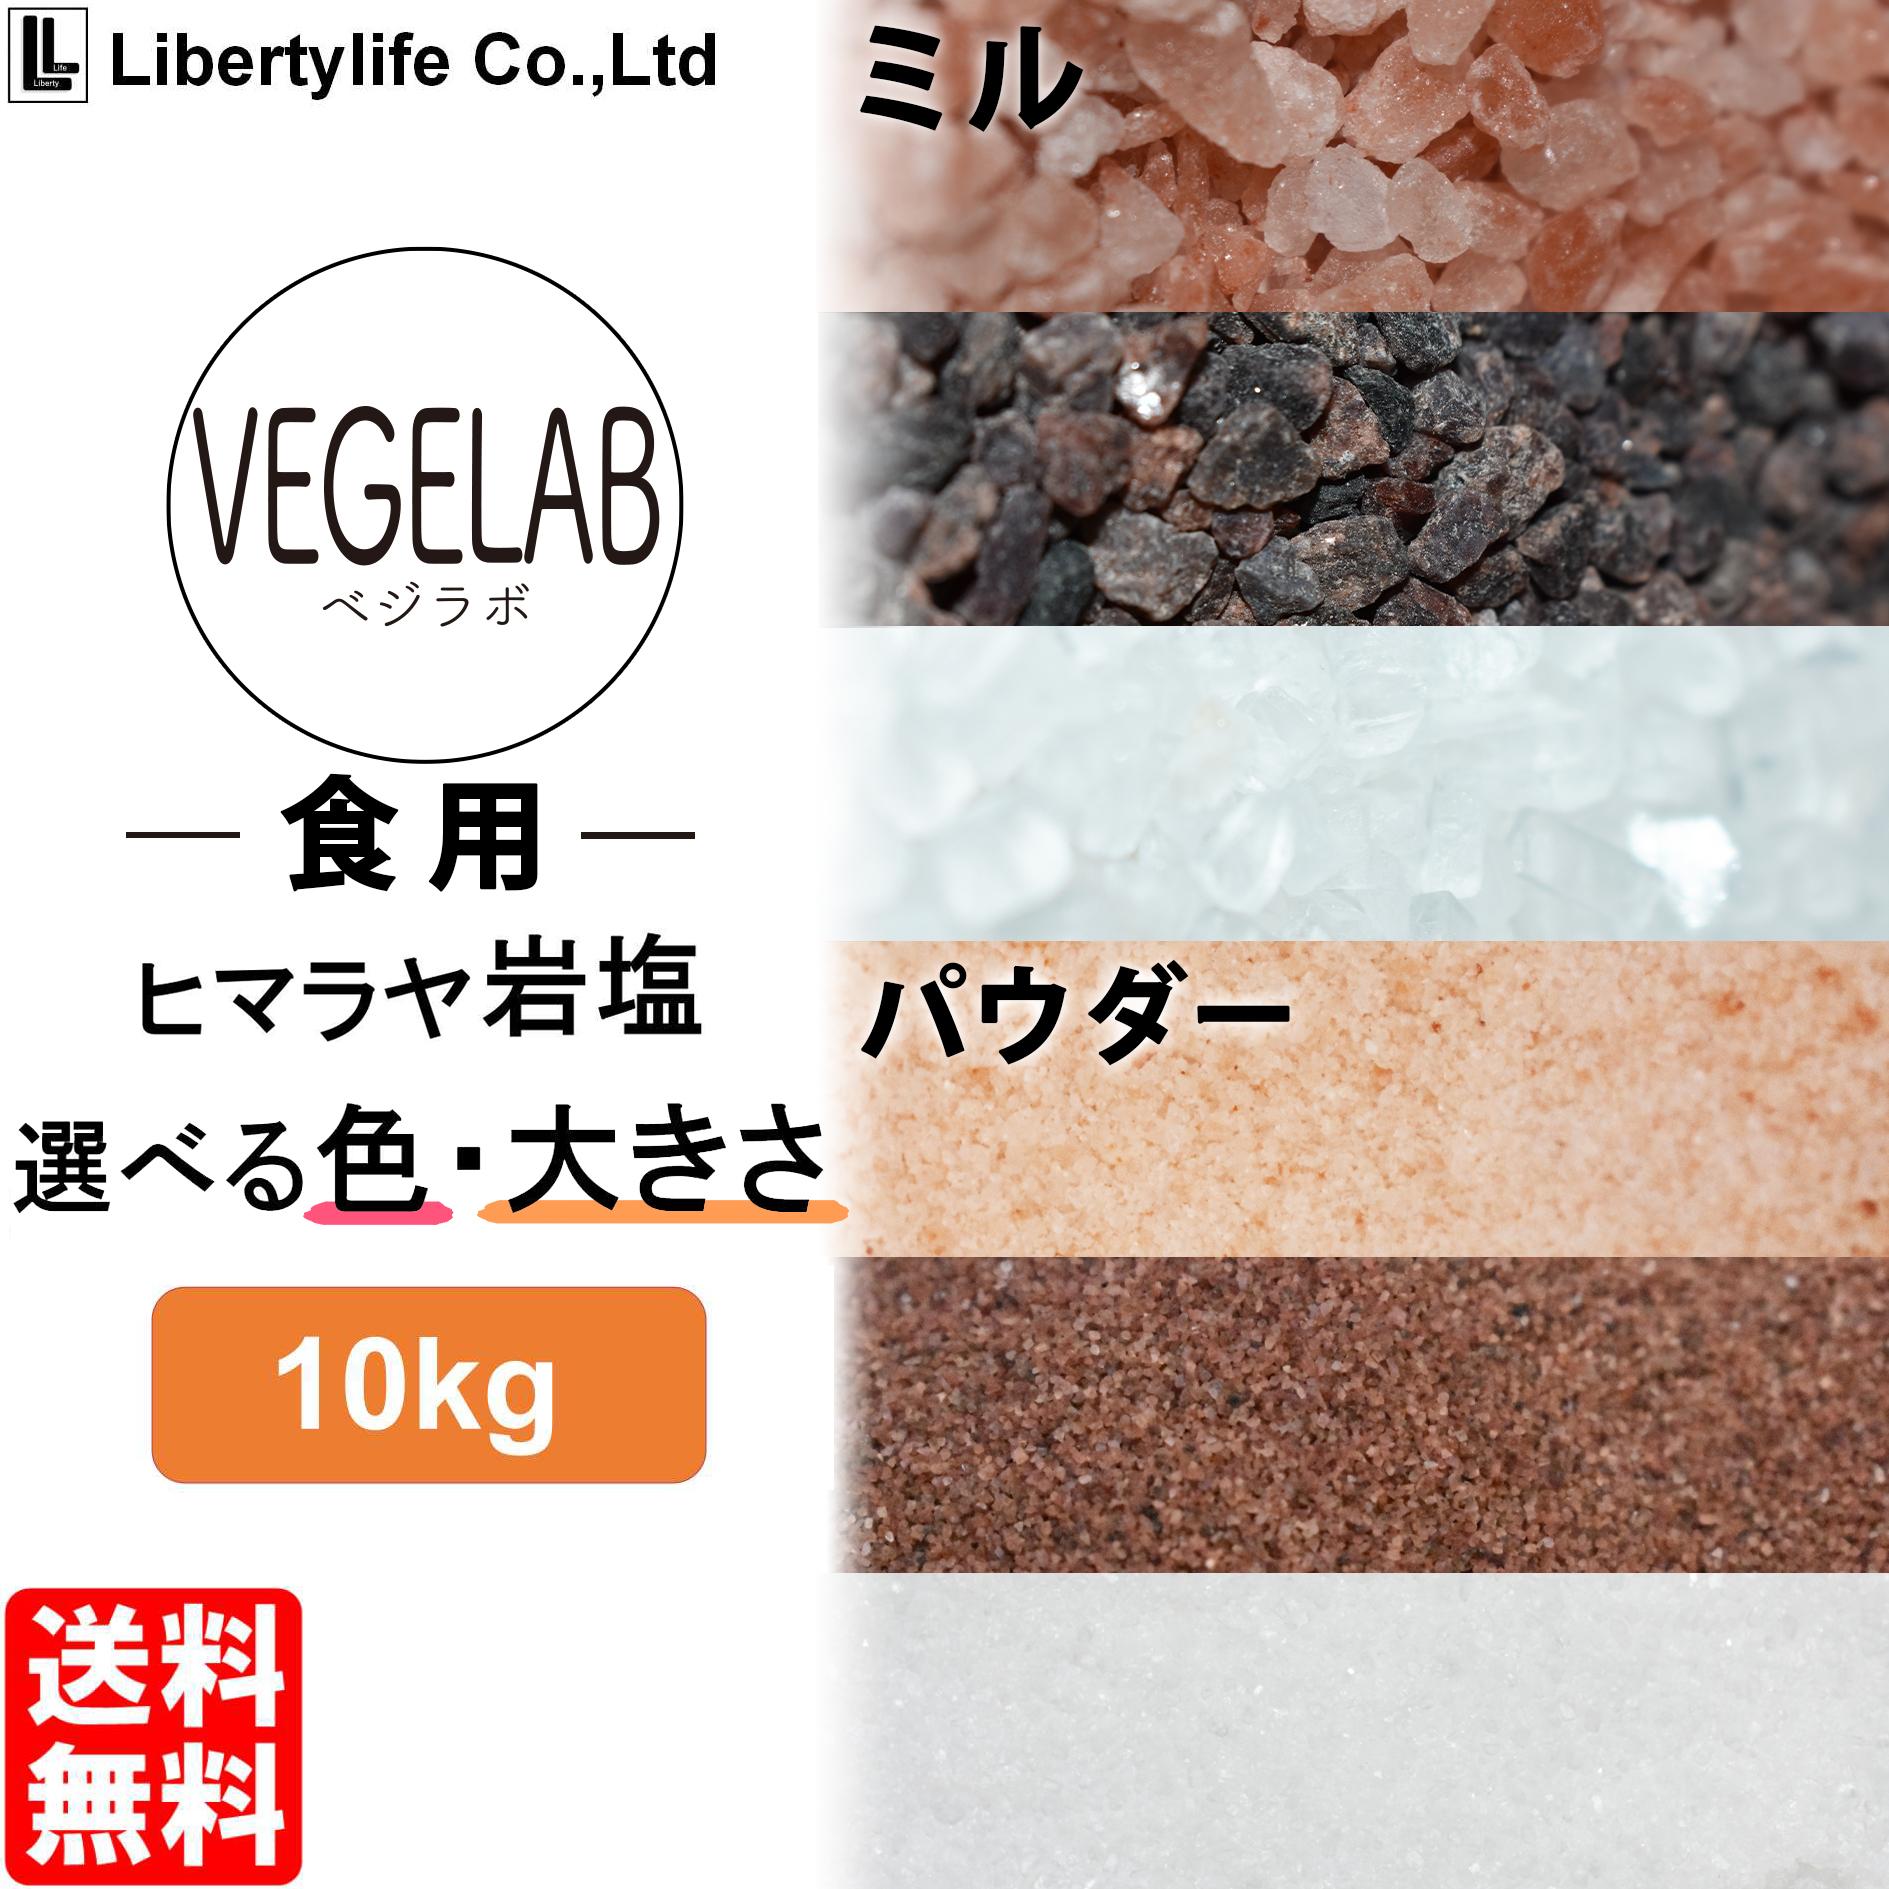 食用 ヒマラヤ岩塩ミネラル 送料無料 パキスタン産 ピンクソルト ブラックソルト ヒマラヤ岩塩 10kg 日本製 ミル クリスタル パウダー 限定タイムセール ベジラボ